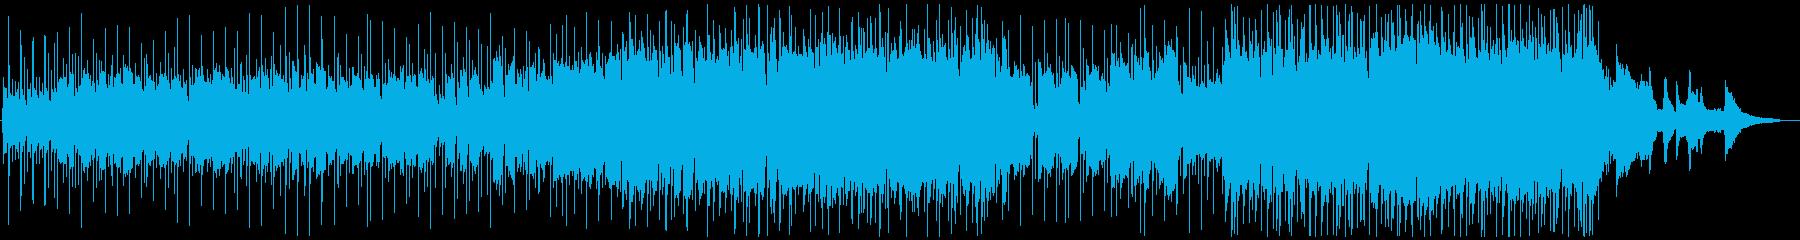 癒し系バイオリンバラードの再生済みの波形